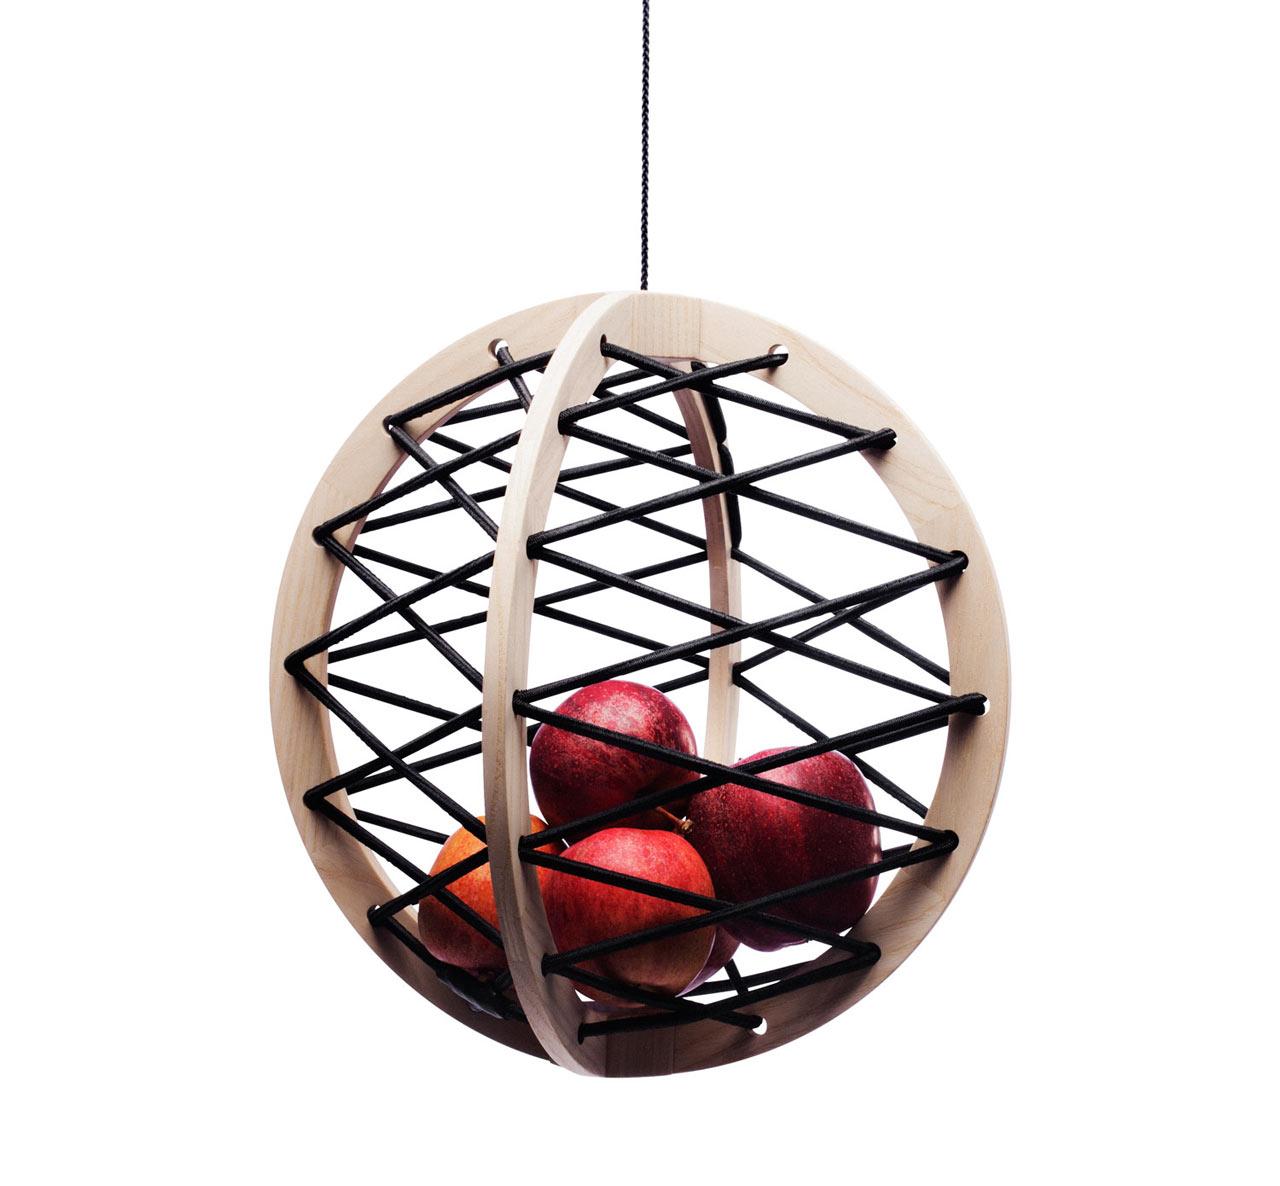 Pluk-Elastic-Sphere-FACO-6-wood